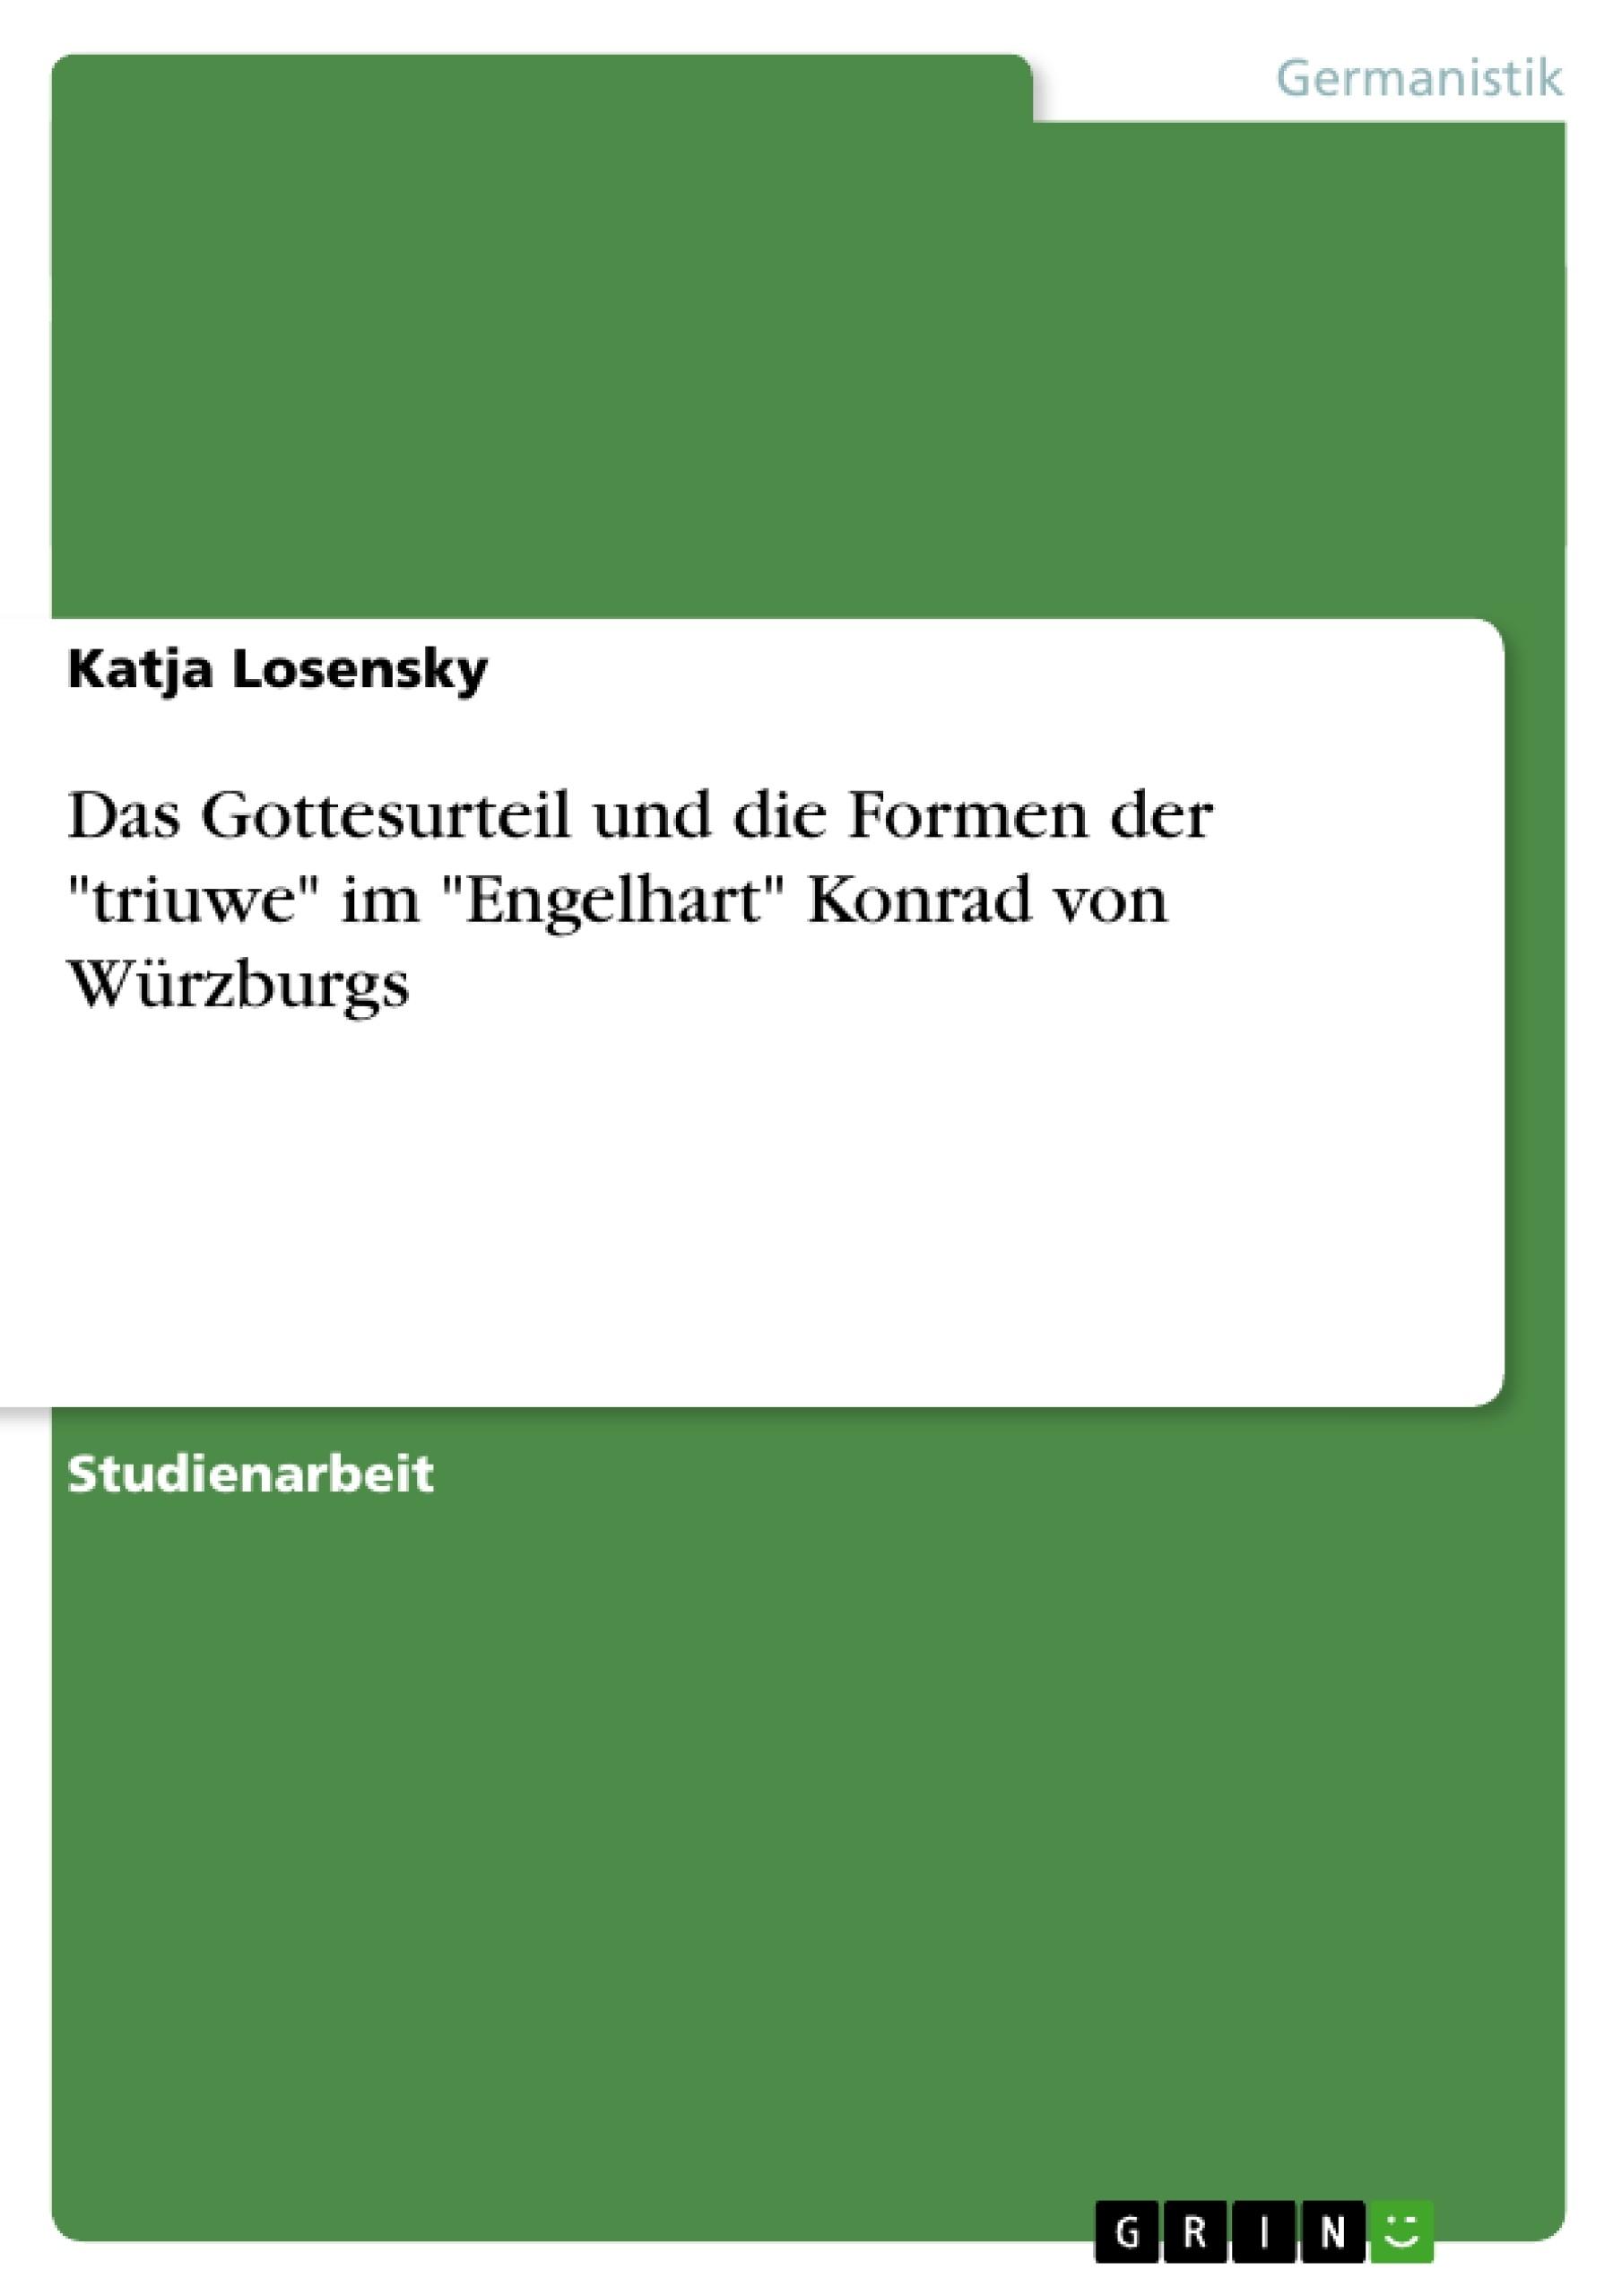 """Titel: Das Gottesurteil und die Formen der """"triuwe"""" im  """"Engelhart"""" Konrad von Würzburgs"""